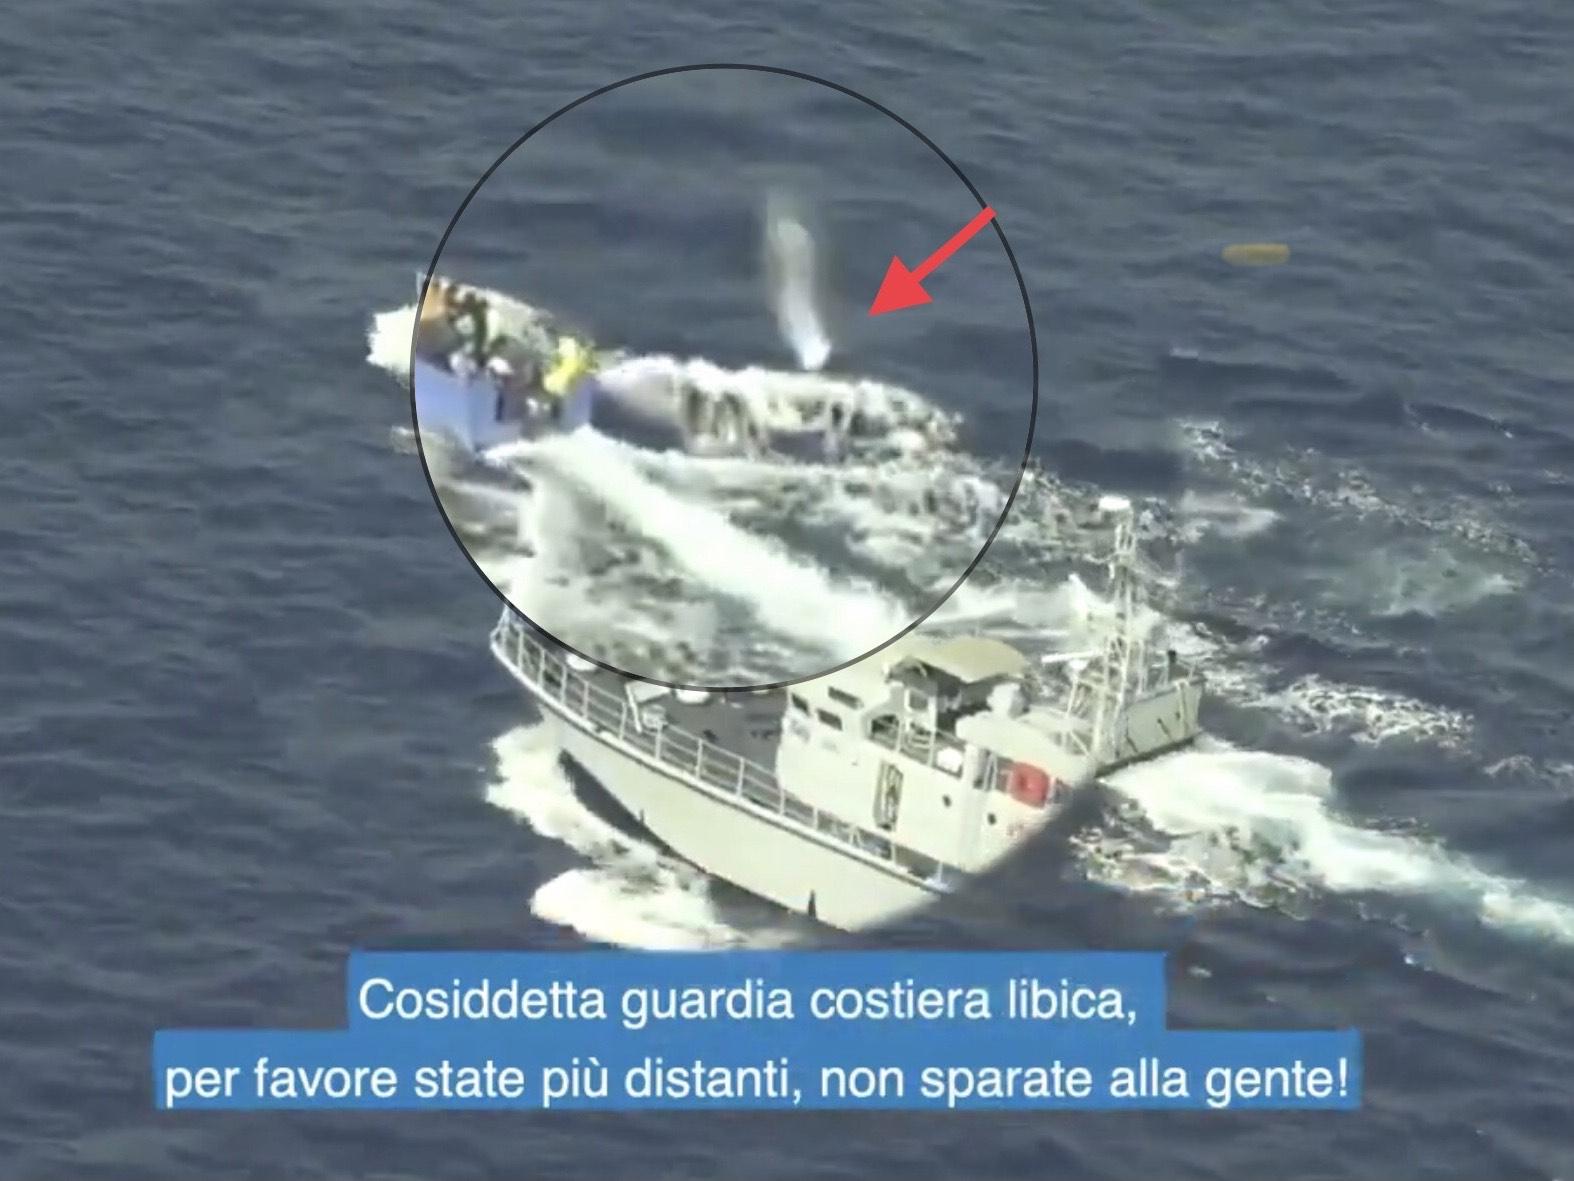 L'aggressione della motovedetta libica su cui indaga la procura di Agrigento